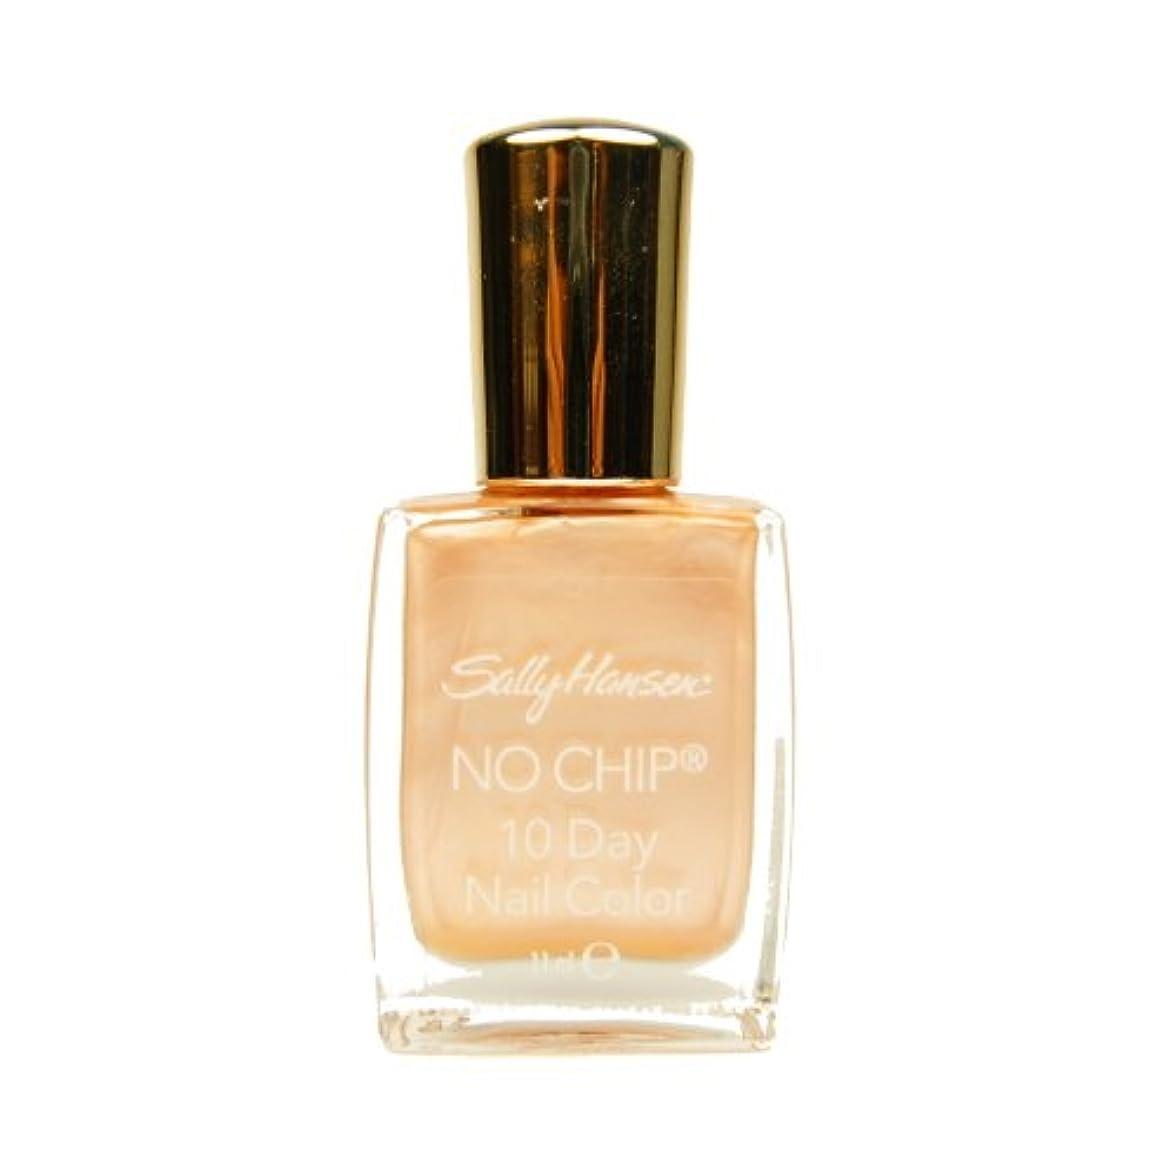 音楽を聴く責める人柄SALLY HANSEN No Chip 10 Day Nail Color 4840 - Still Sanding (DC) (並行輸入品)